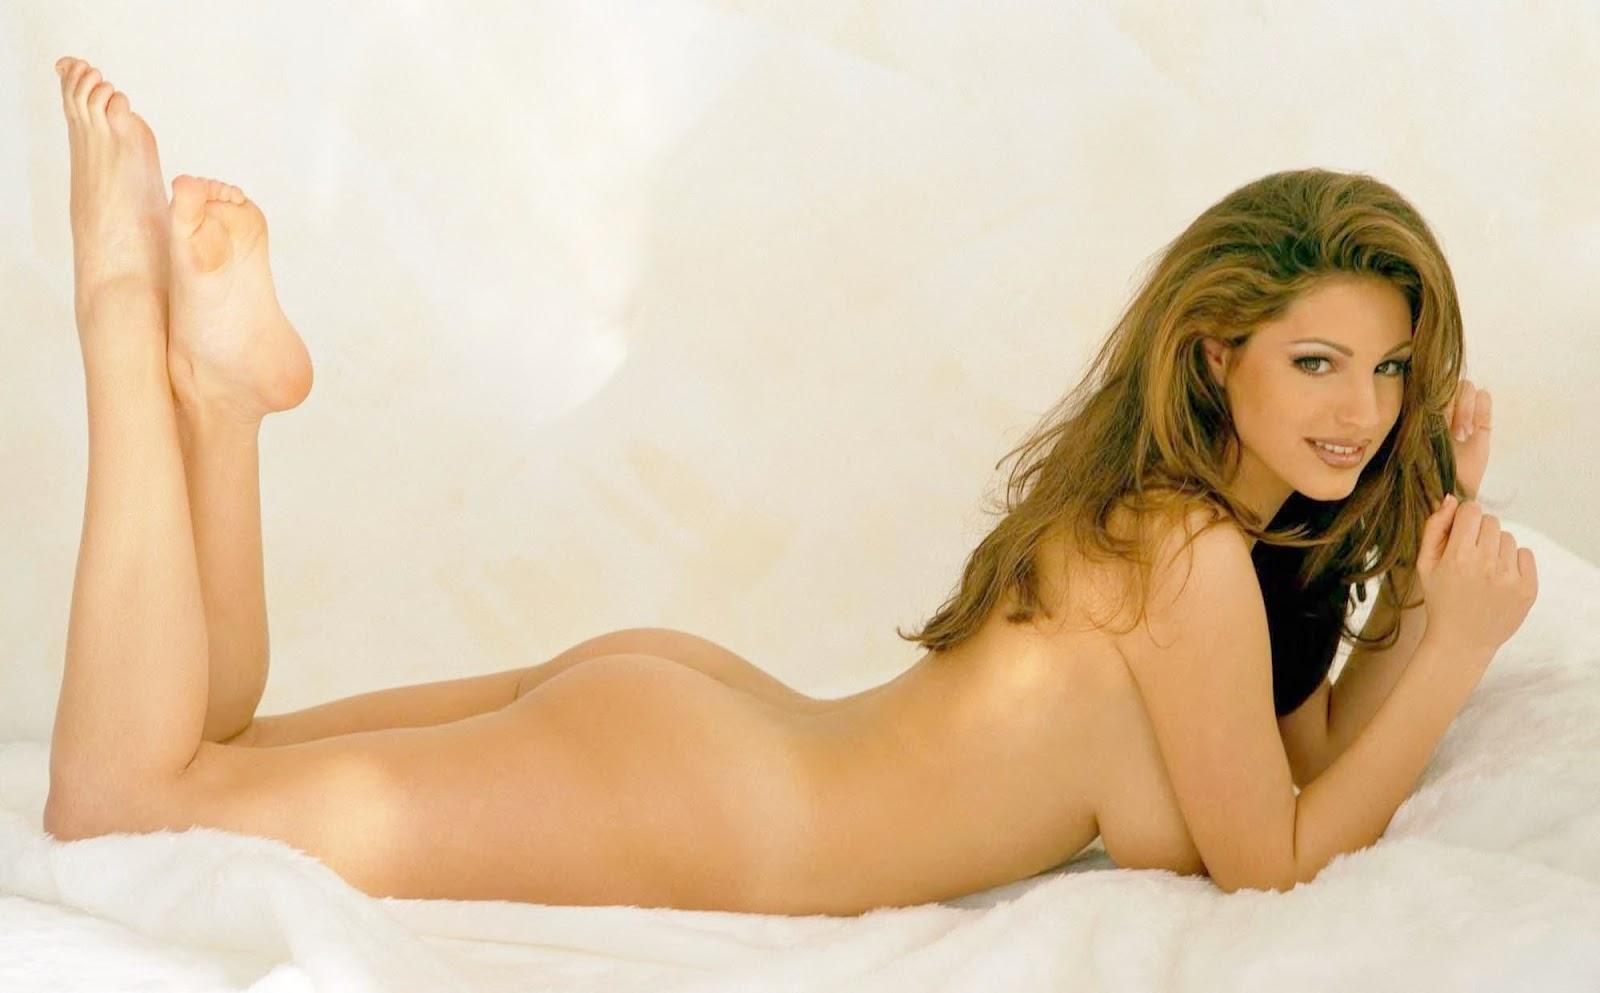 vse-eroticheskie-i-video-fotki-sarah-elizabeth